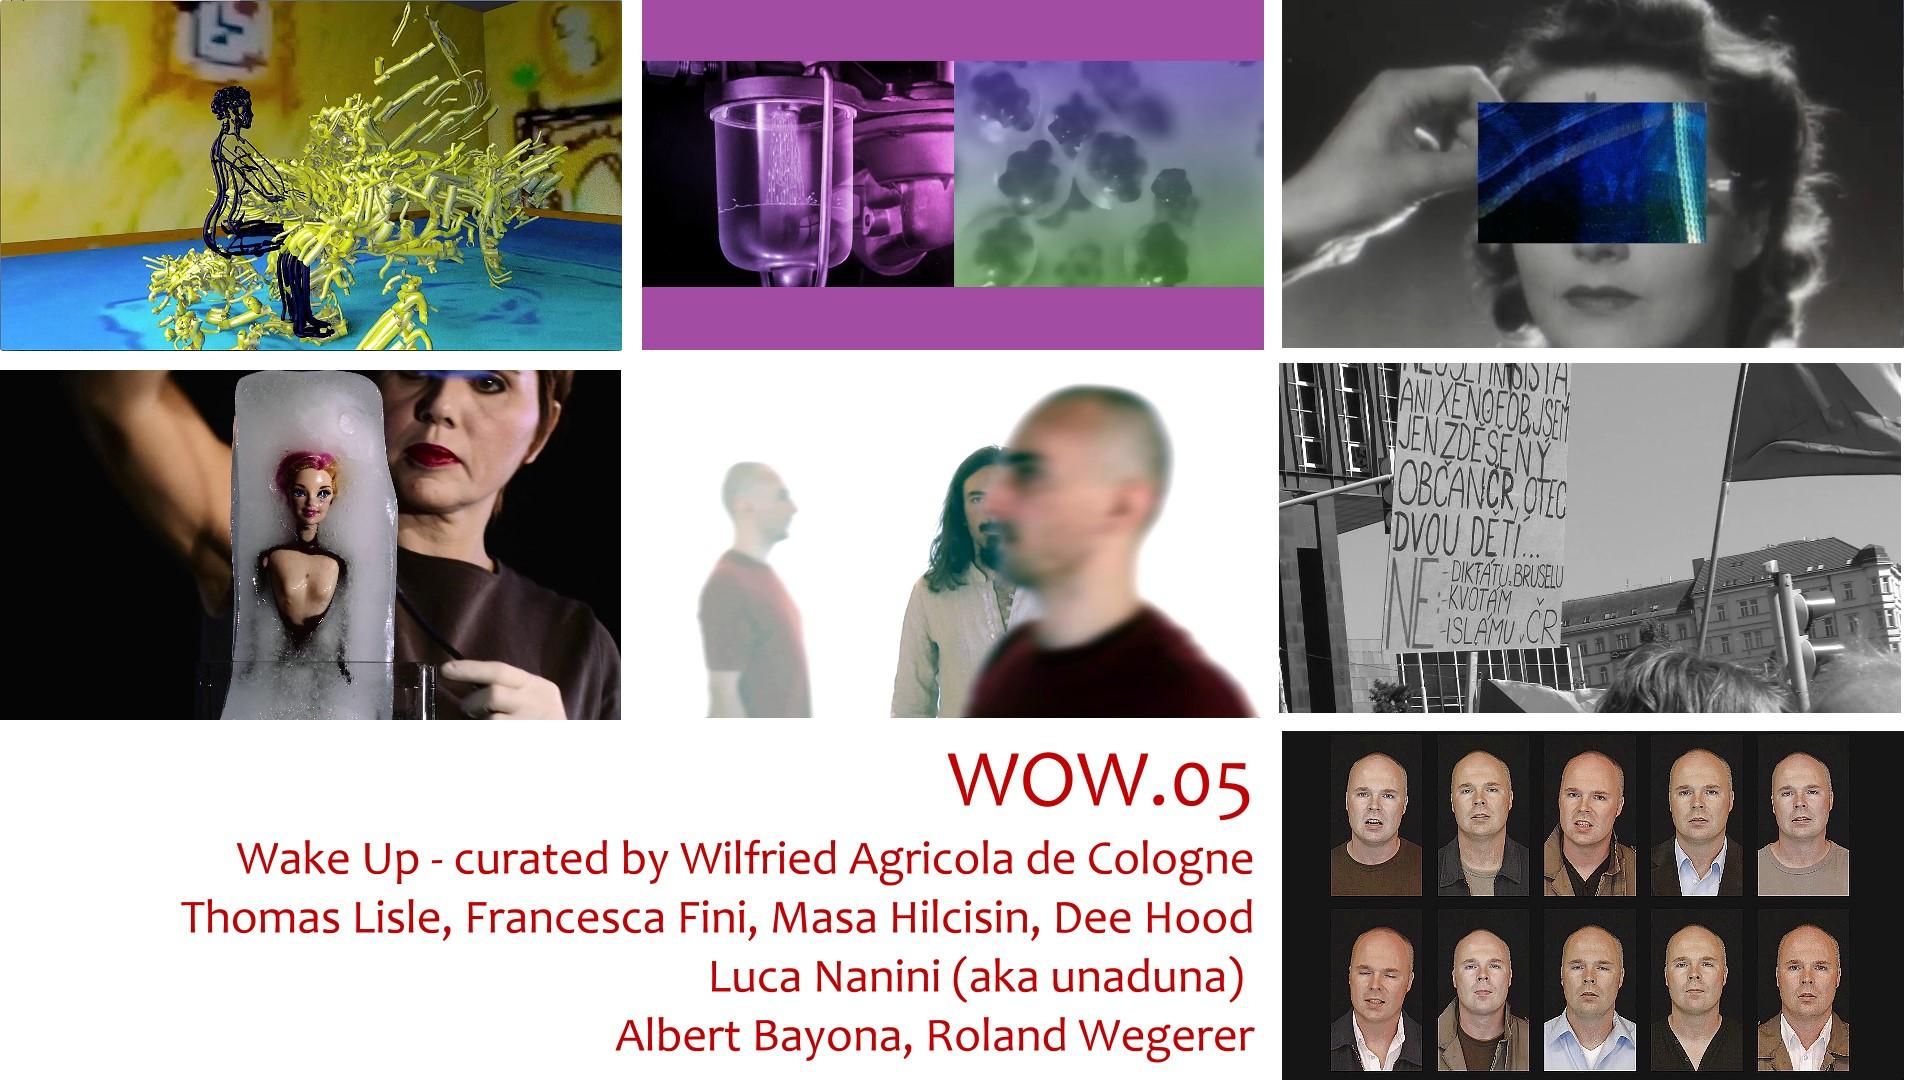 wow.05-wake-up.jpg